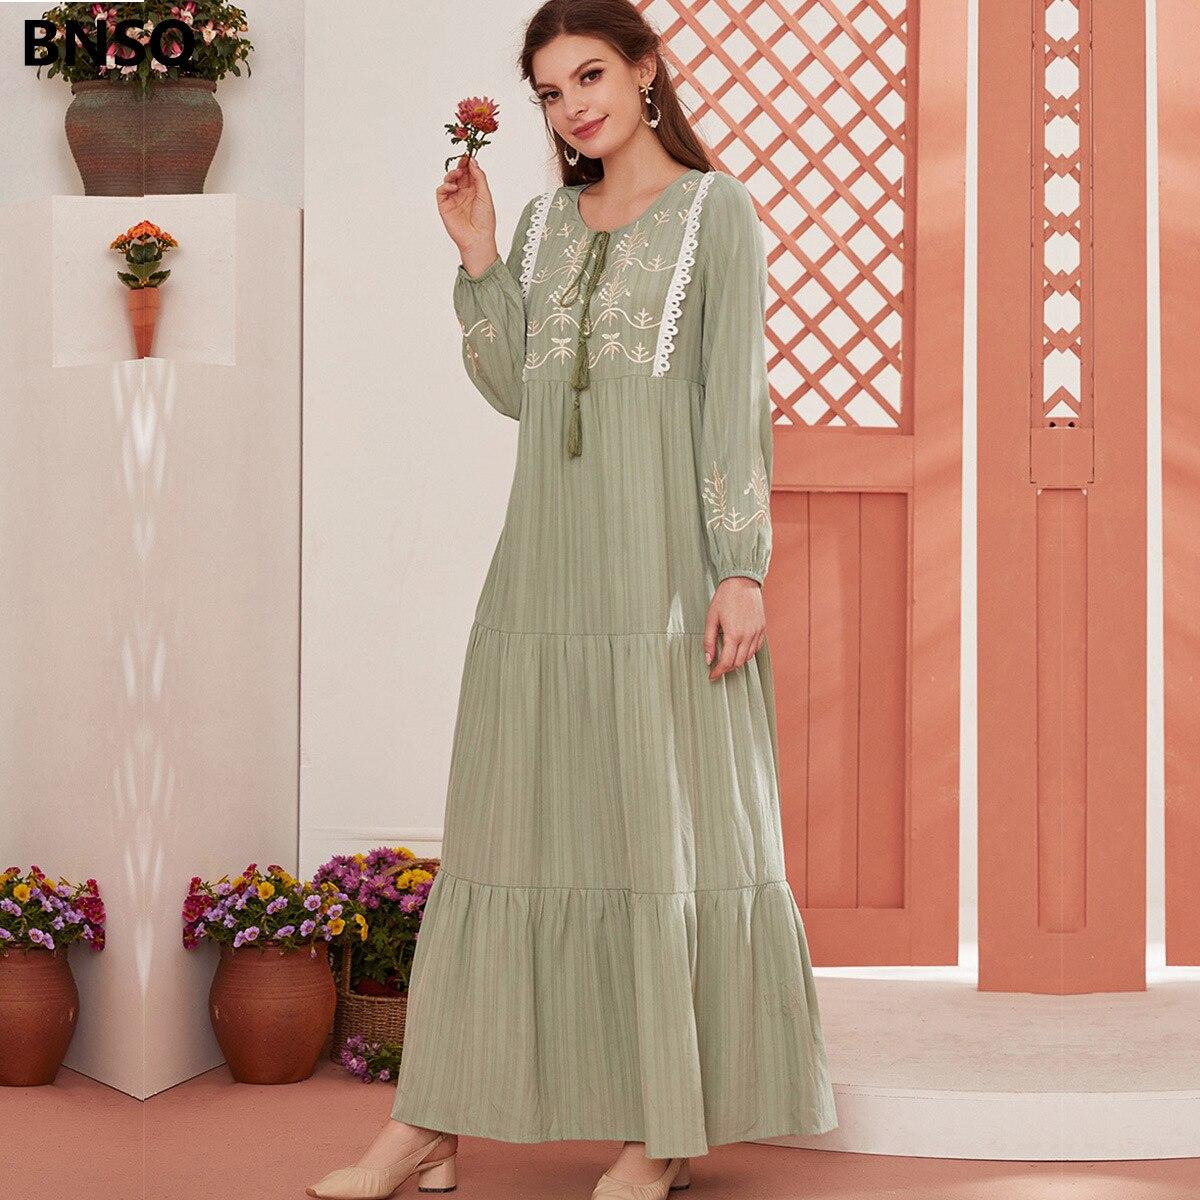 Фото - Женское длинное платье в мусульманском стиле, длинное платье в стиле Дубай, женское платье, мусульманское платье lemaire длинное платье